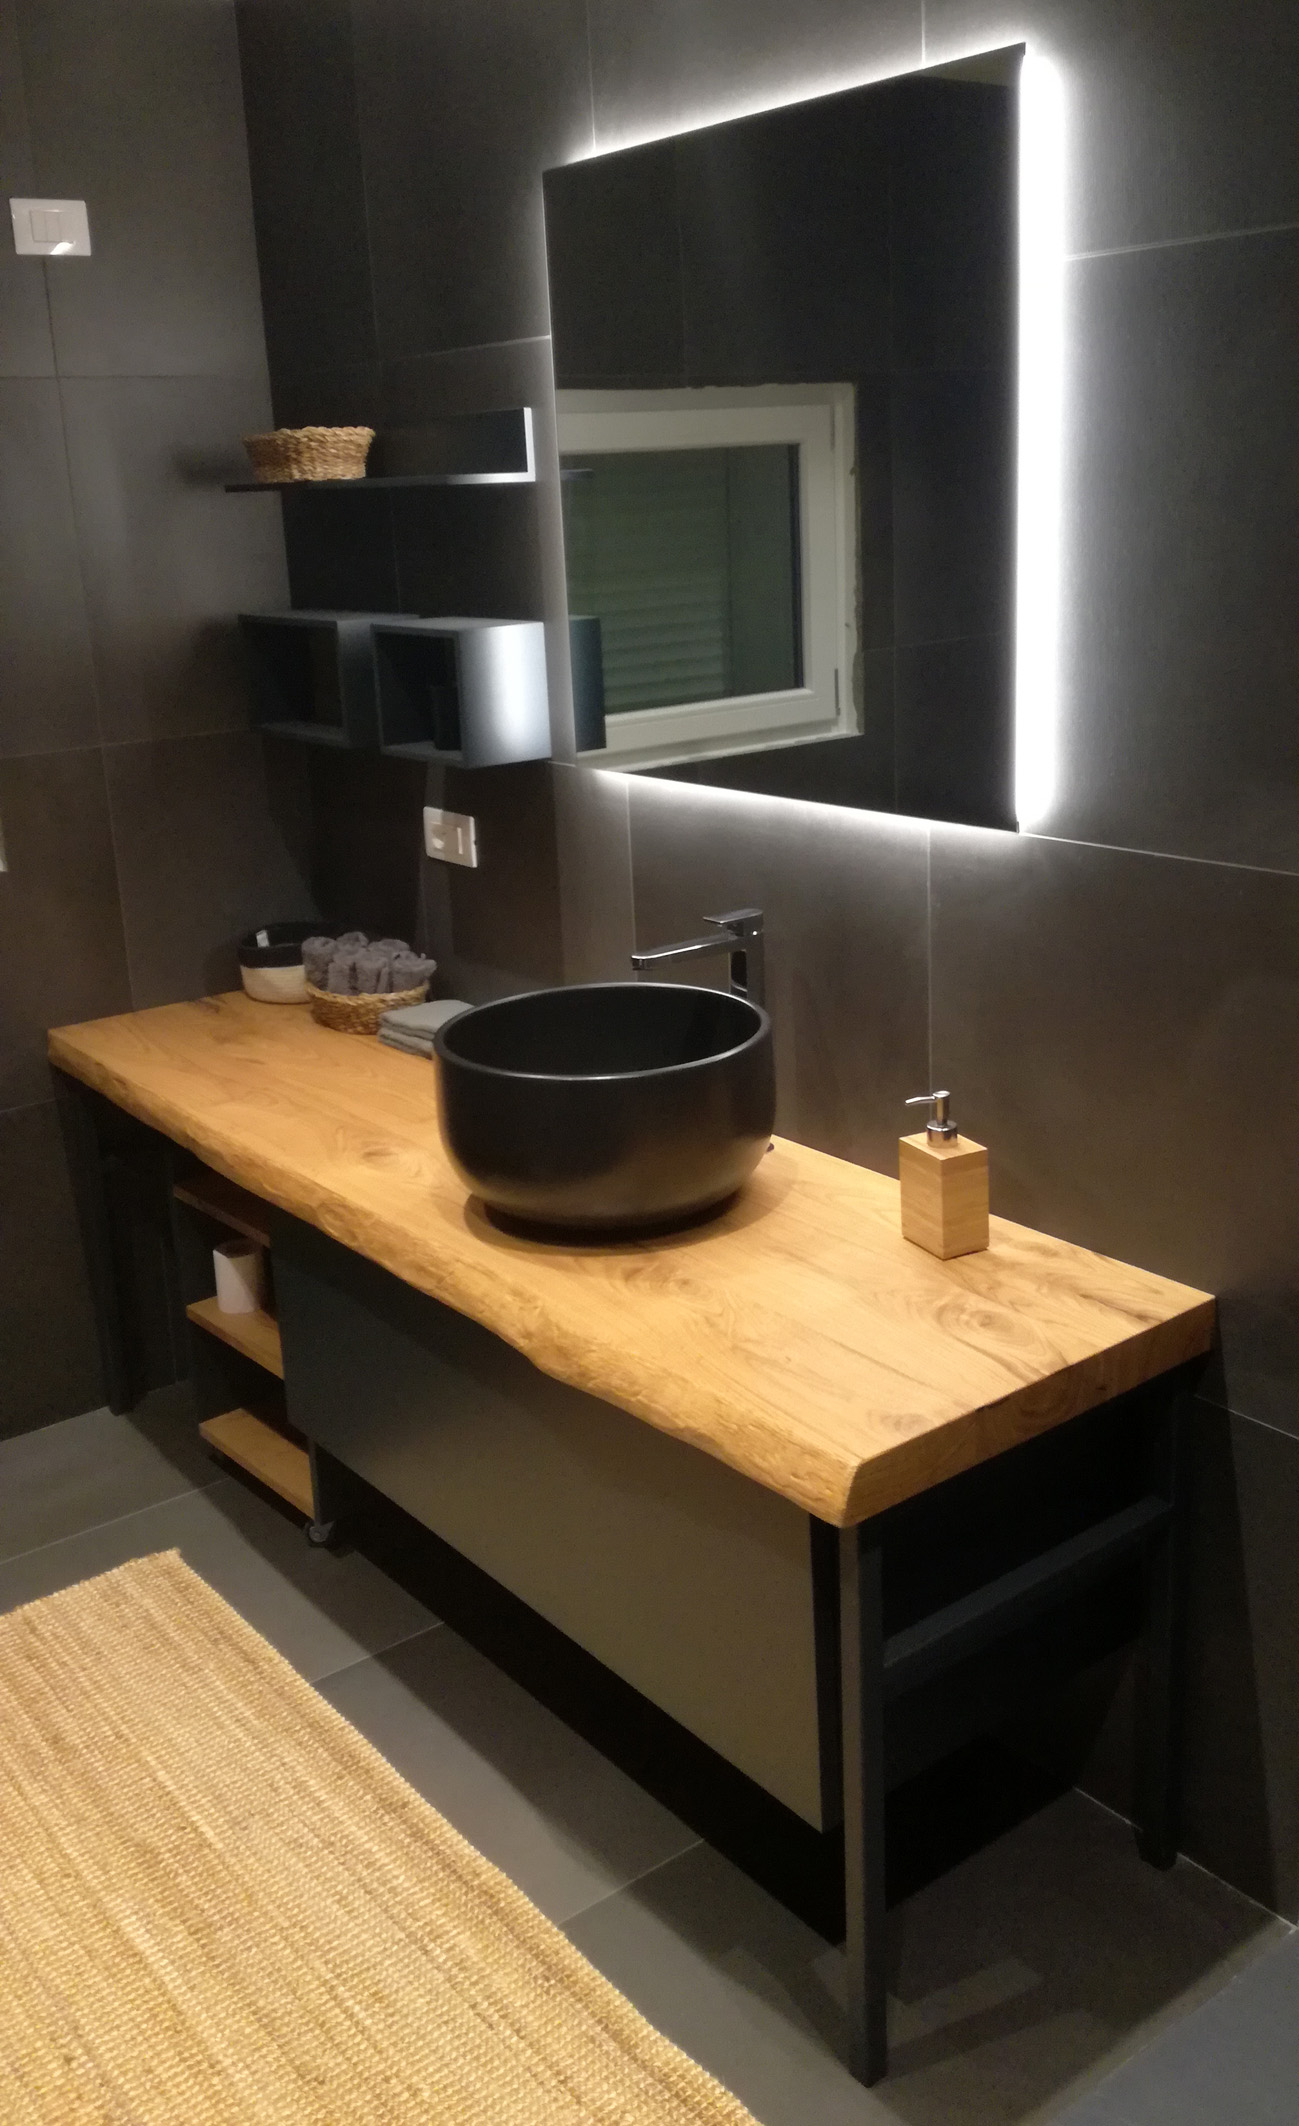 Mobile bagno industrial black con pianale in legno for Mobile bagno legno